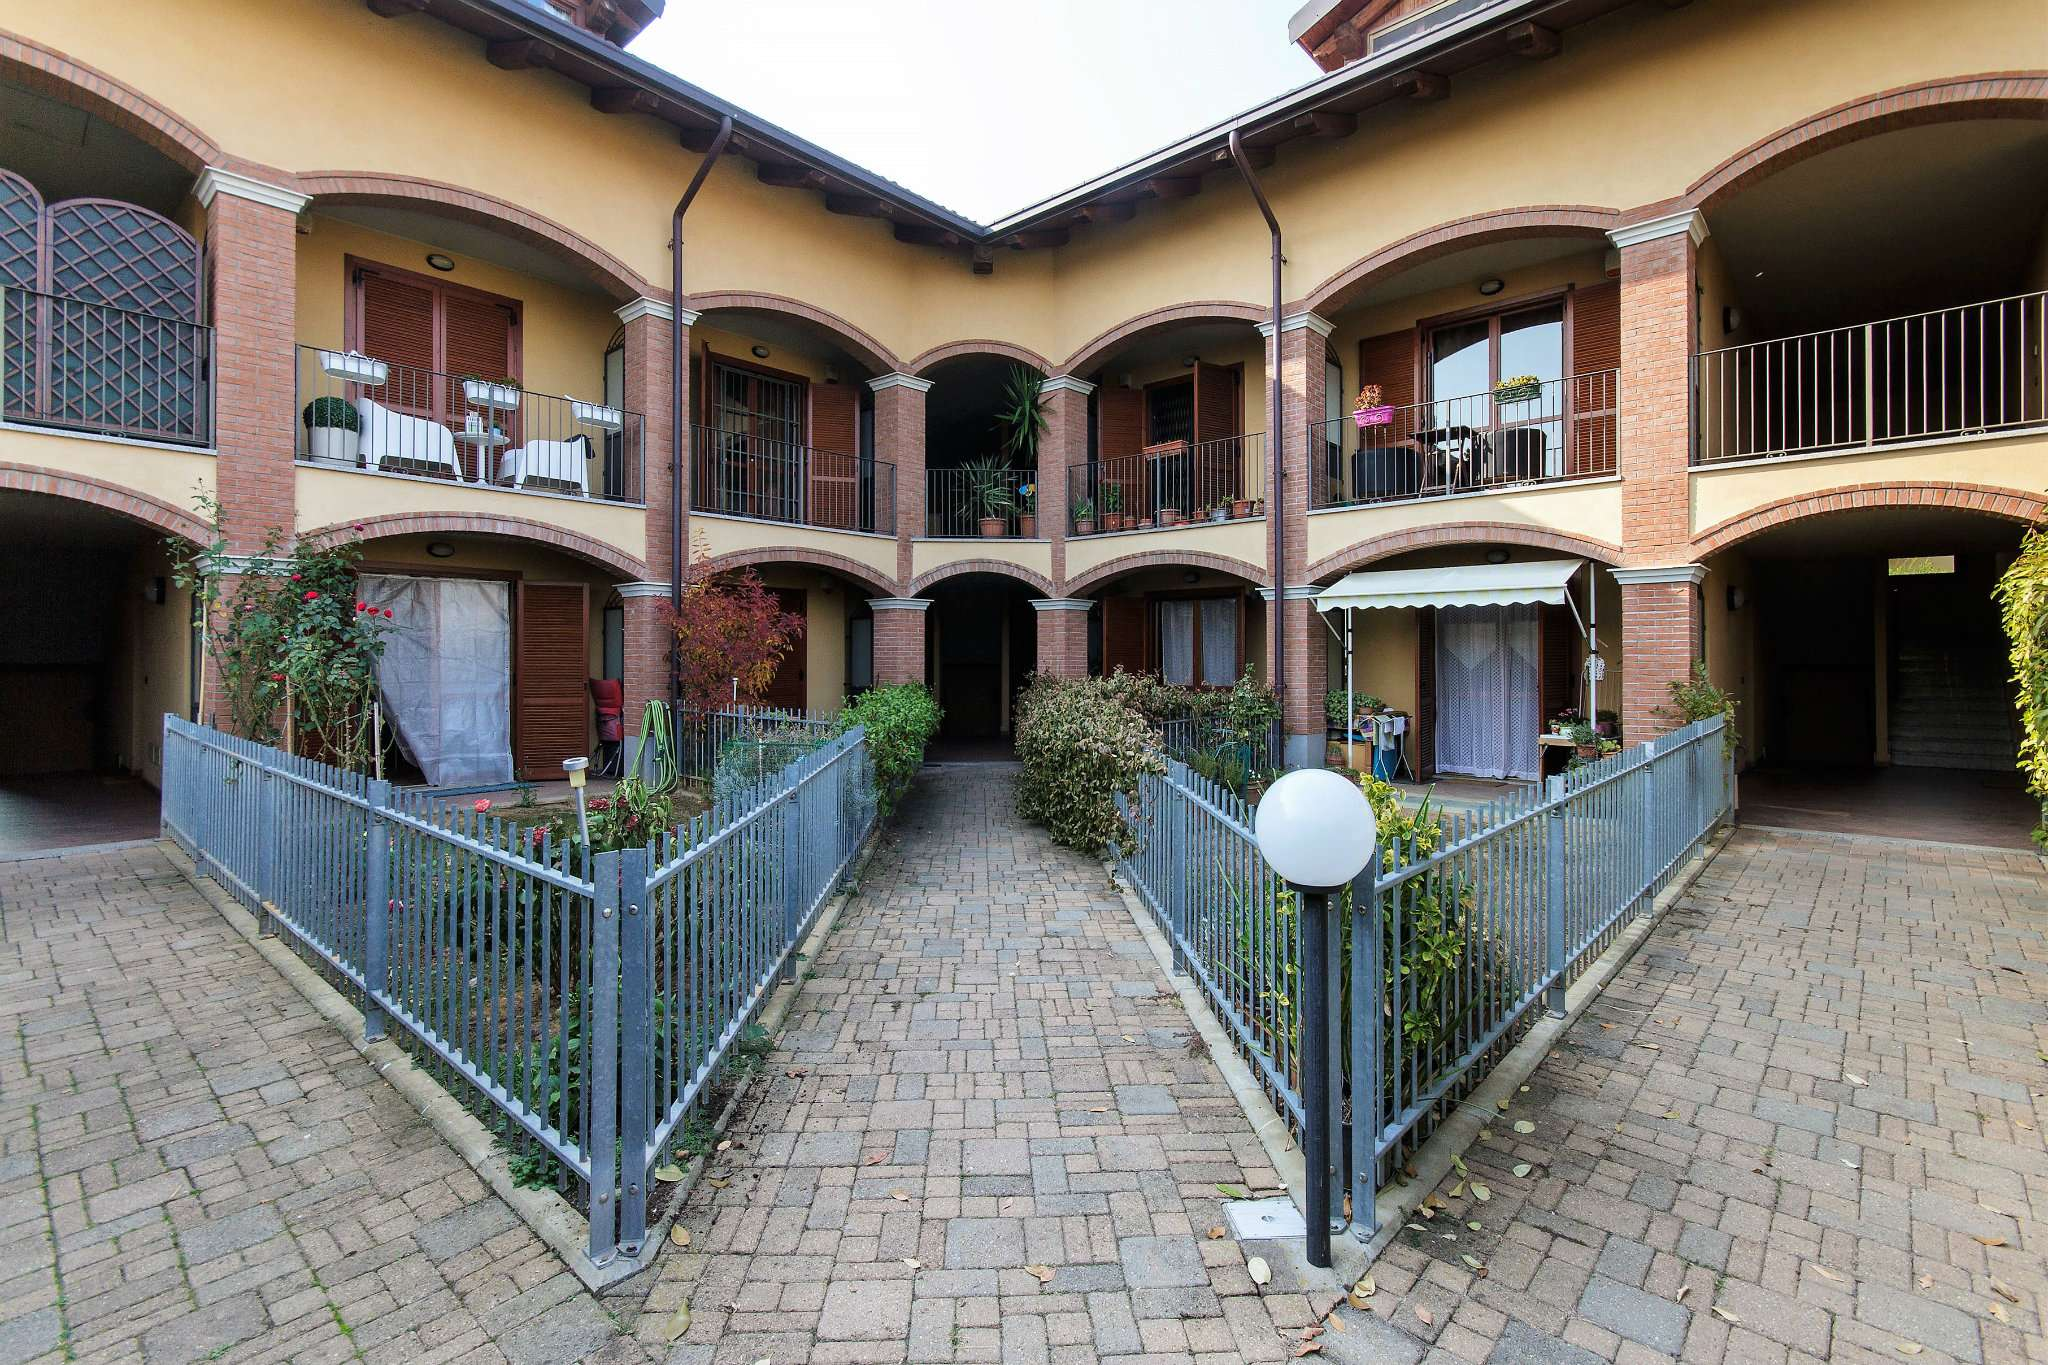 Appartamento in vendita a Pianezza, 4 locali, prezzo € 215.000 | CambioCasa.it